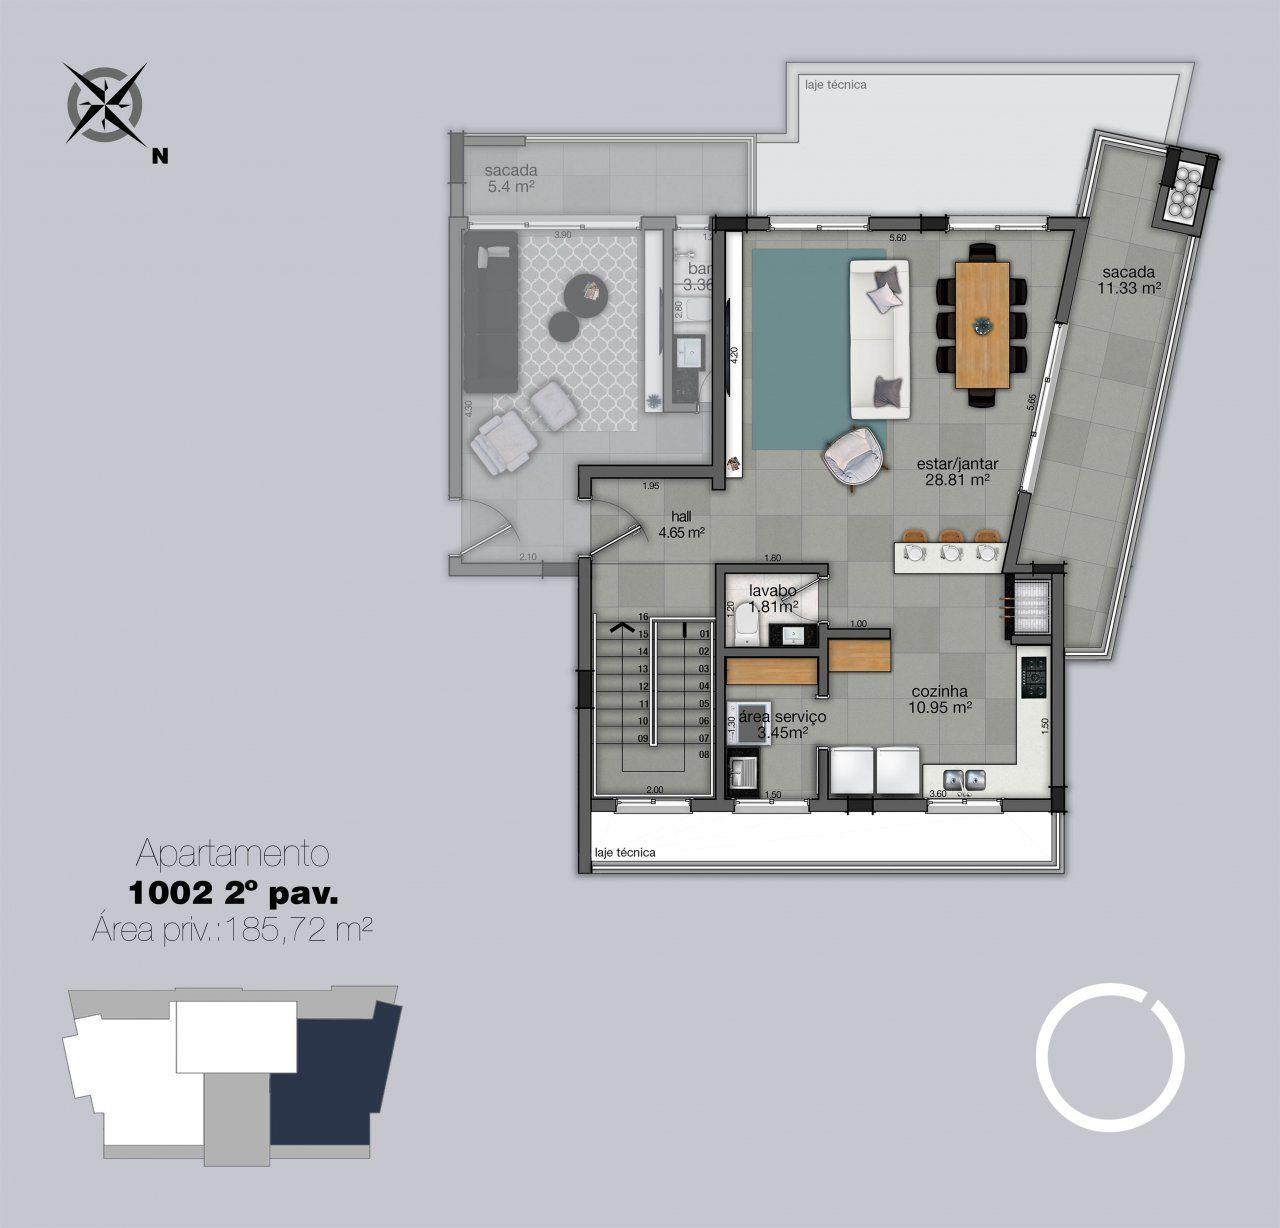 Cobertura 1002 - 2º pavimento